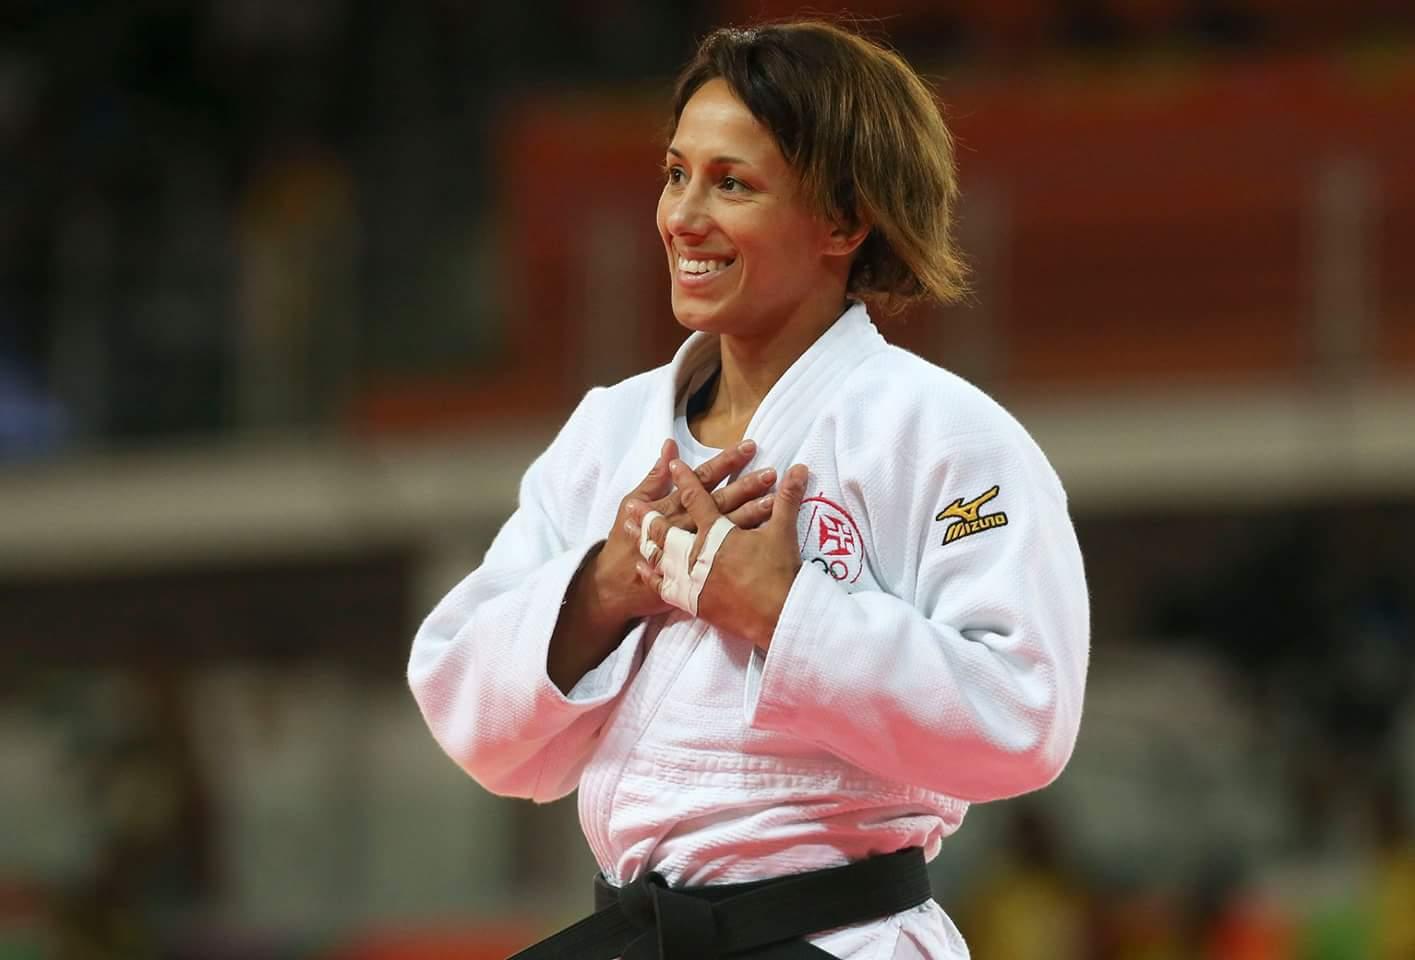 Resultado de imagem para Joana Ramos conquista medalha de bronze nos Europeus de Judo